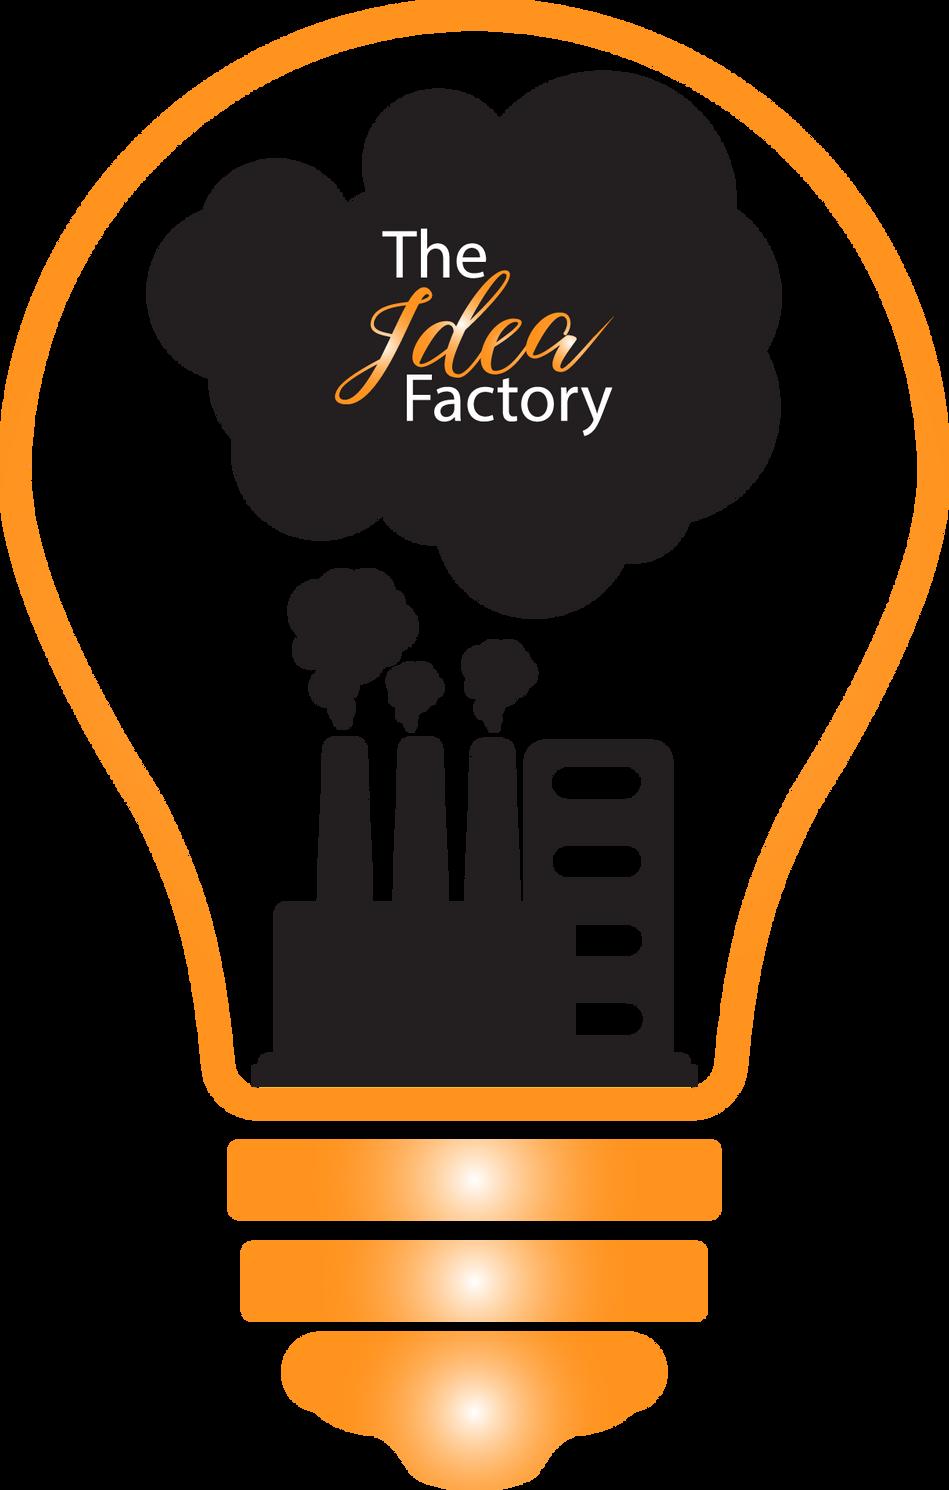 Idea Factory design